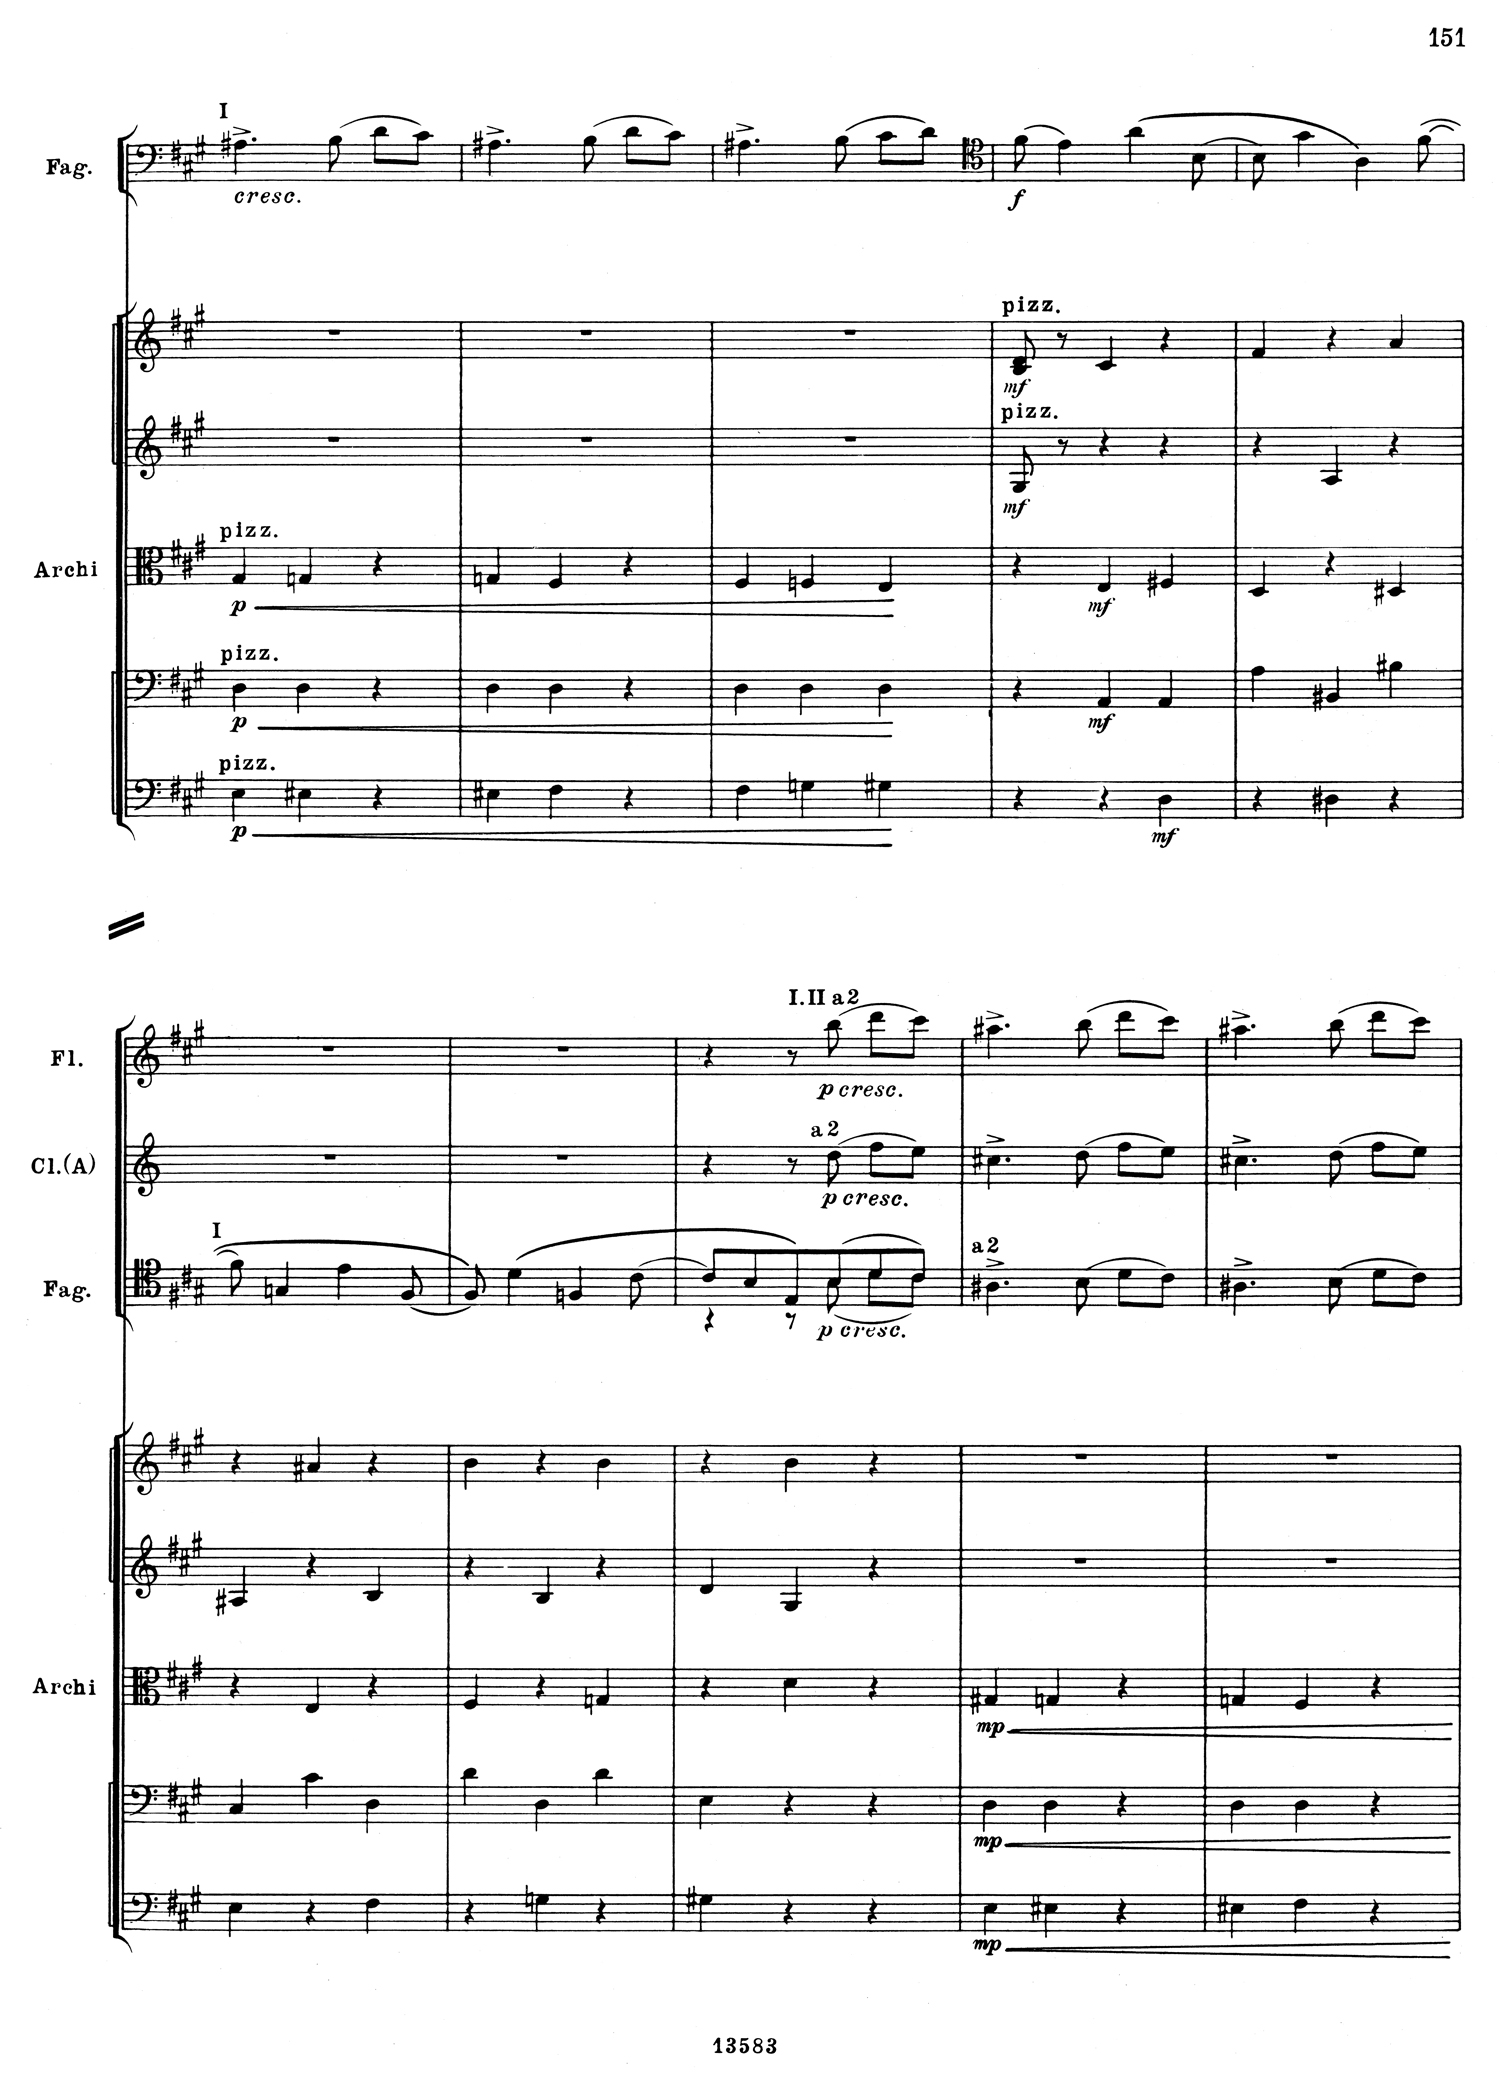 Tchaikovsky 5 Mvt 3 Score 6.jpg